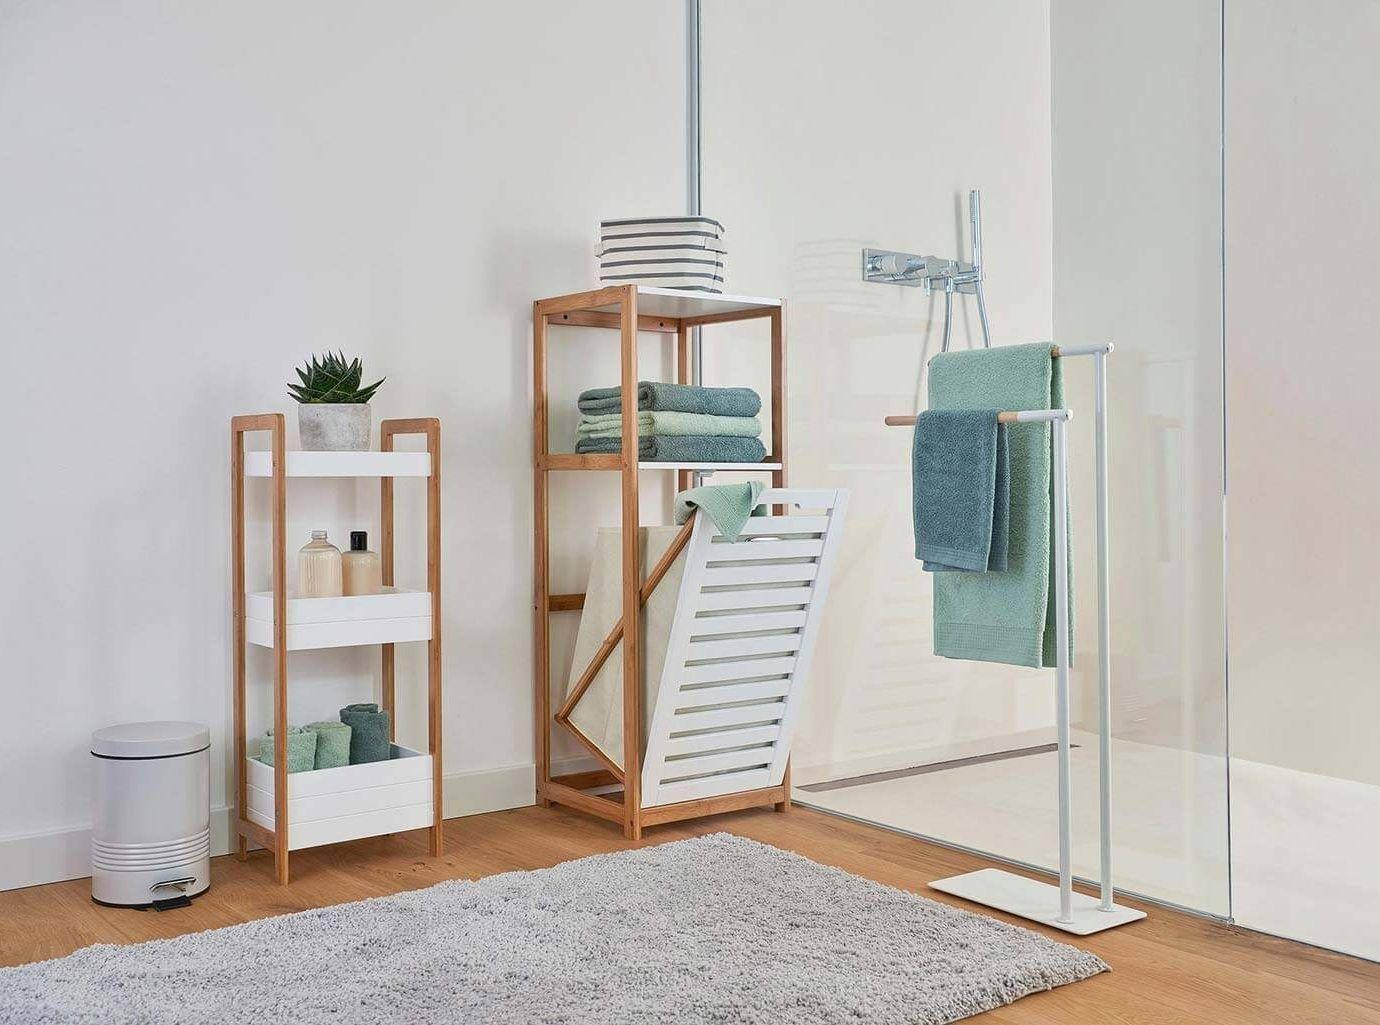 Bad Ohne Fliesen Ideen Fur Die Wandgestaltung In 2020 Badgestaltung Badezimmer Fliesen Fugenloses Bad